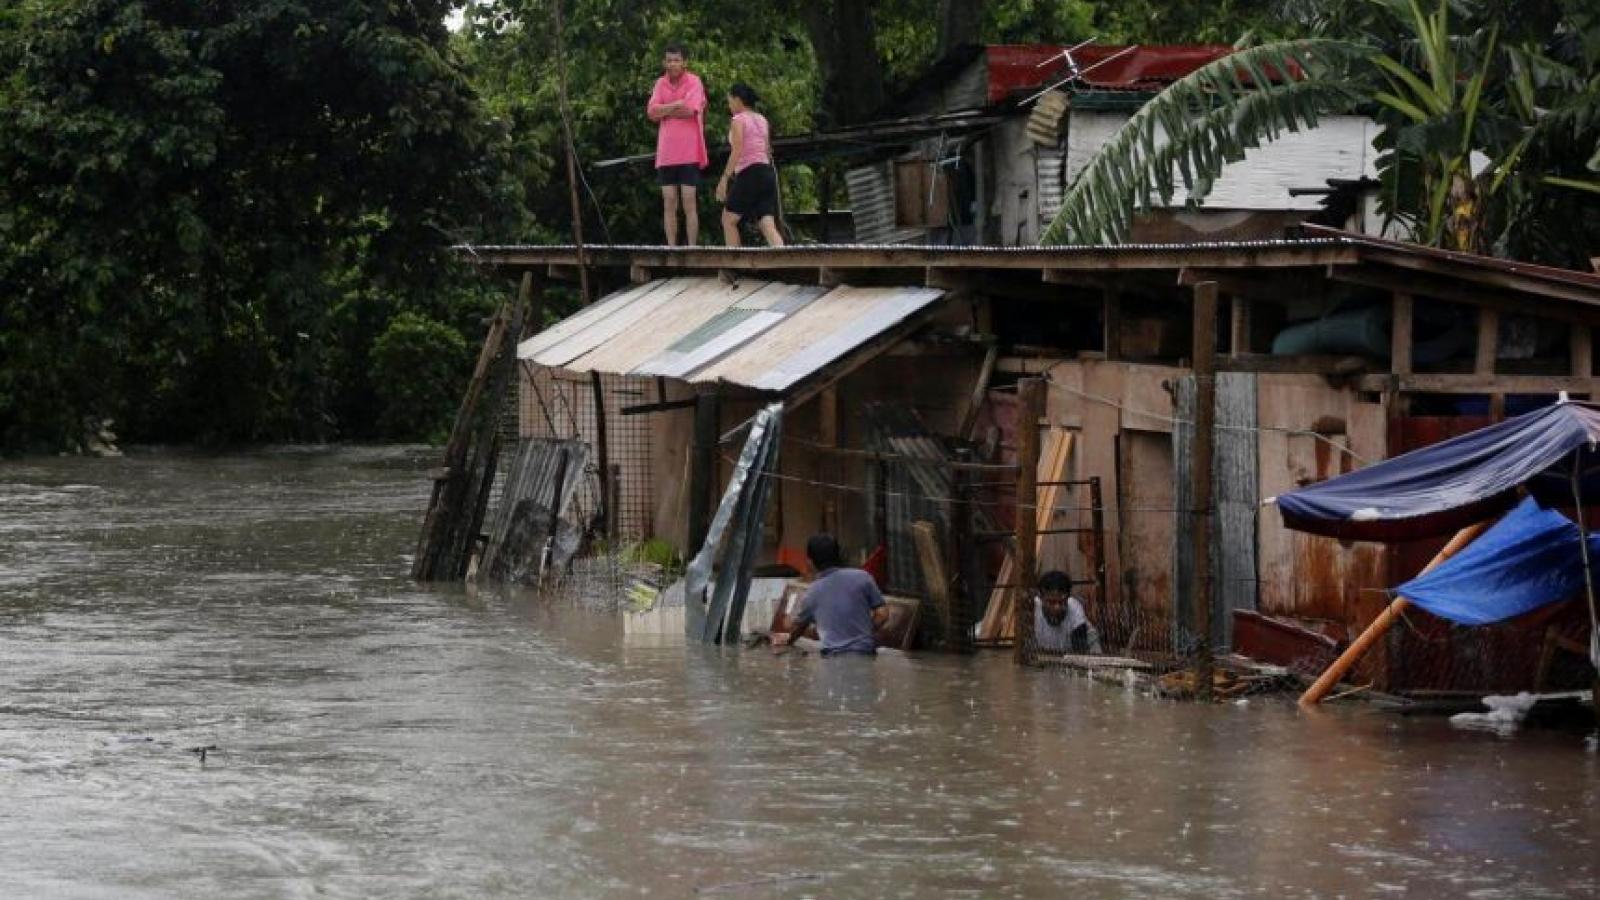 Ít nhất 9 người thiệt mạng do bão nhiệt đới Kompasu ở Philippines